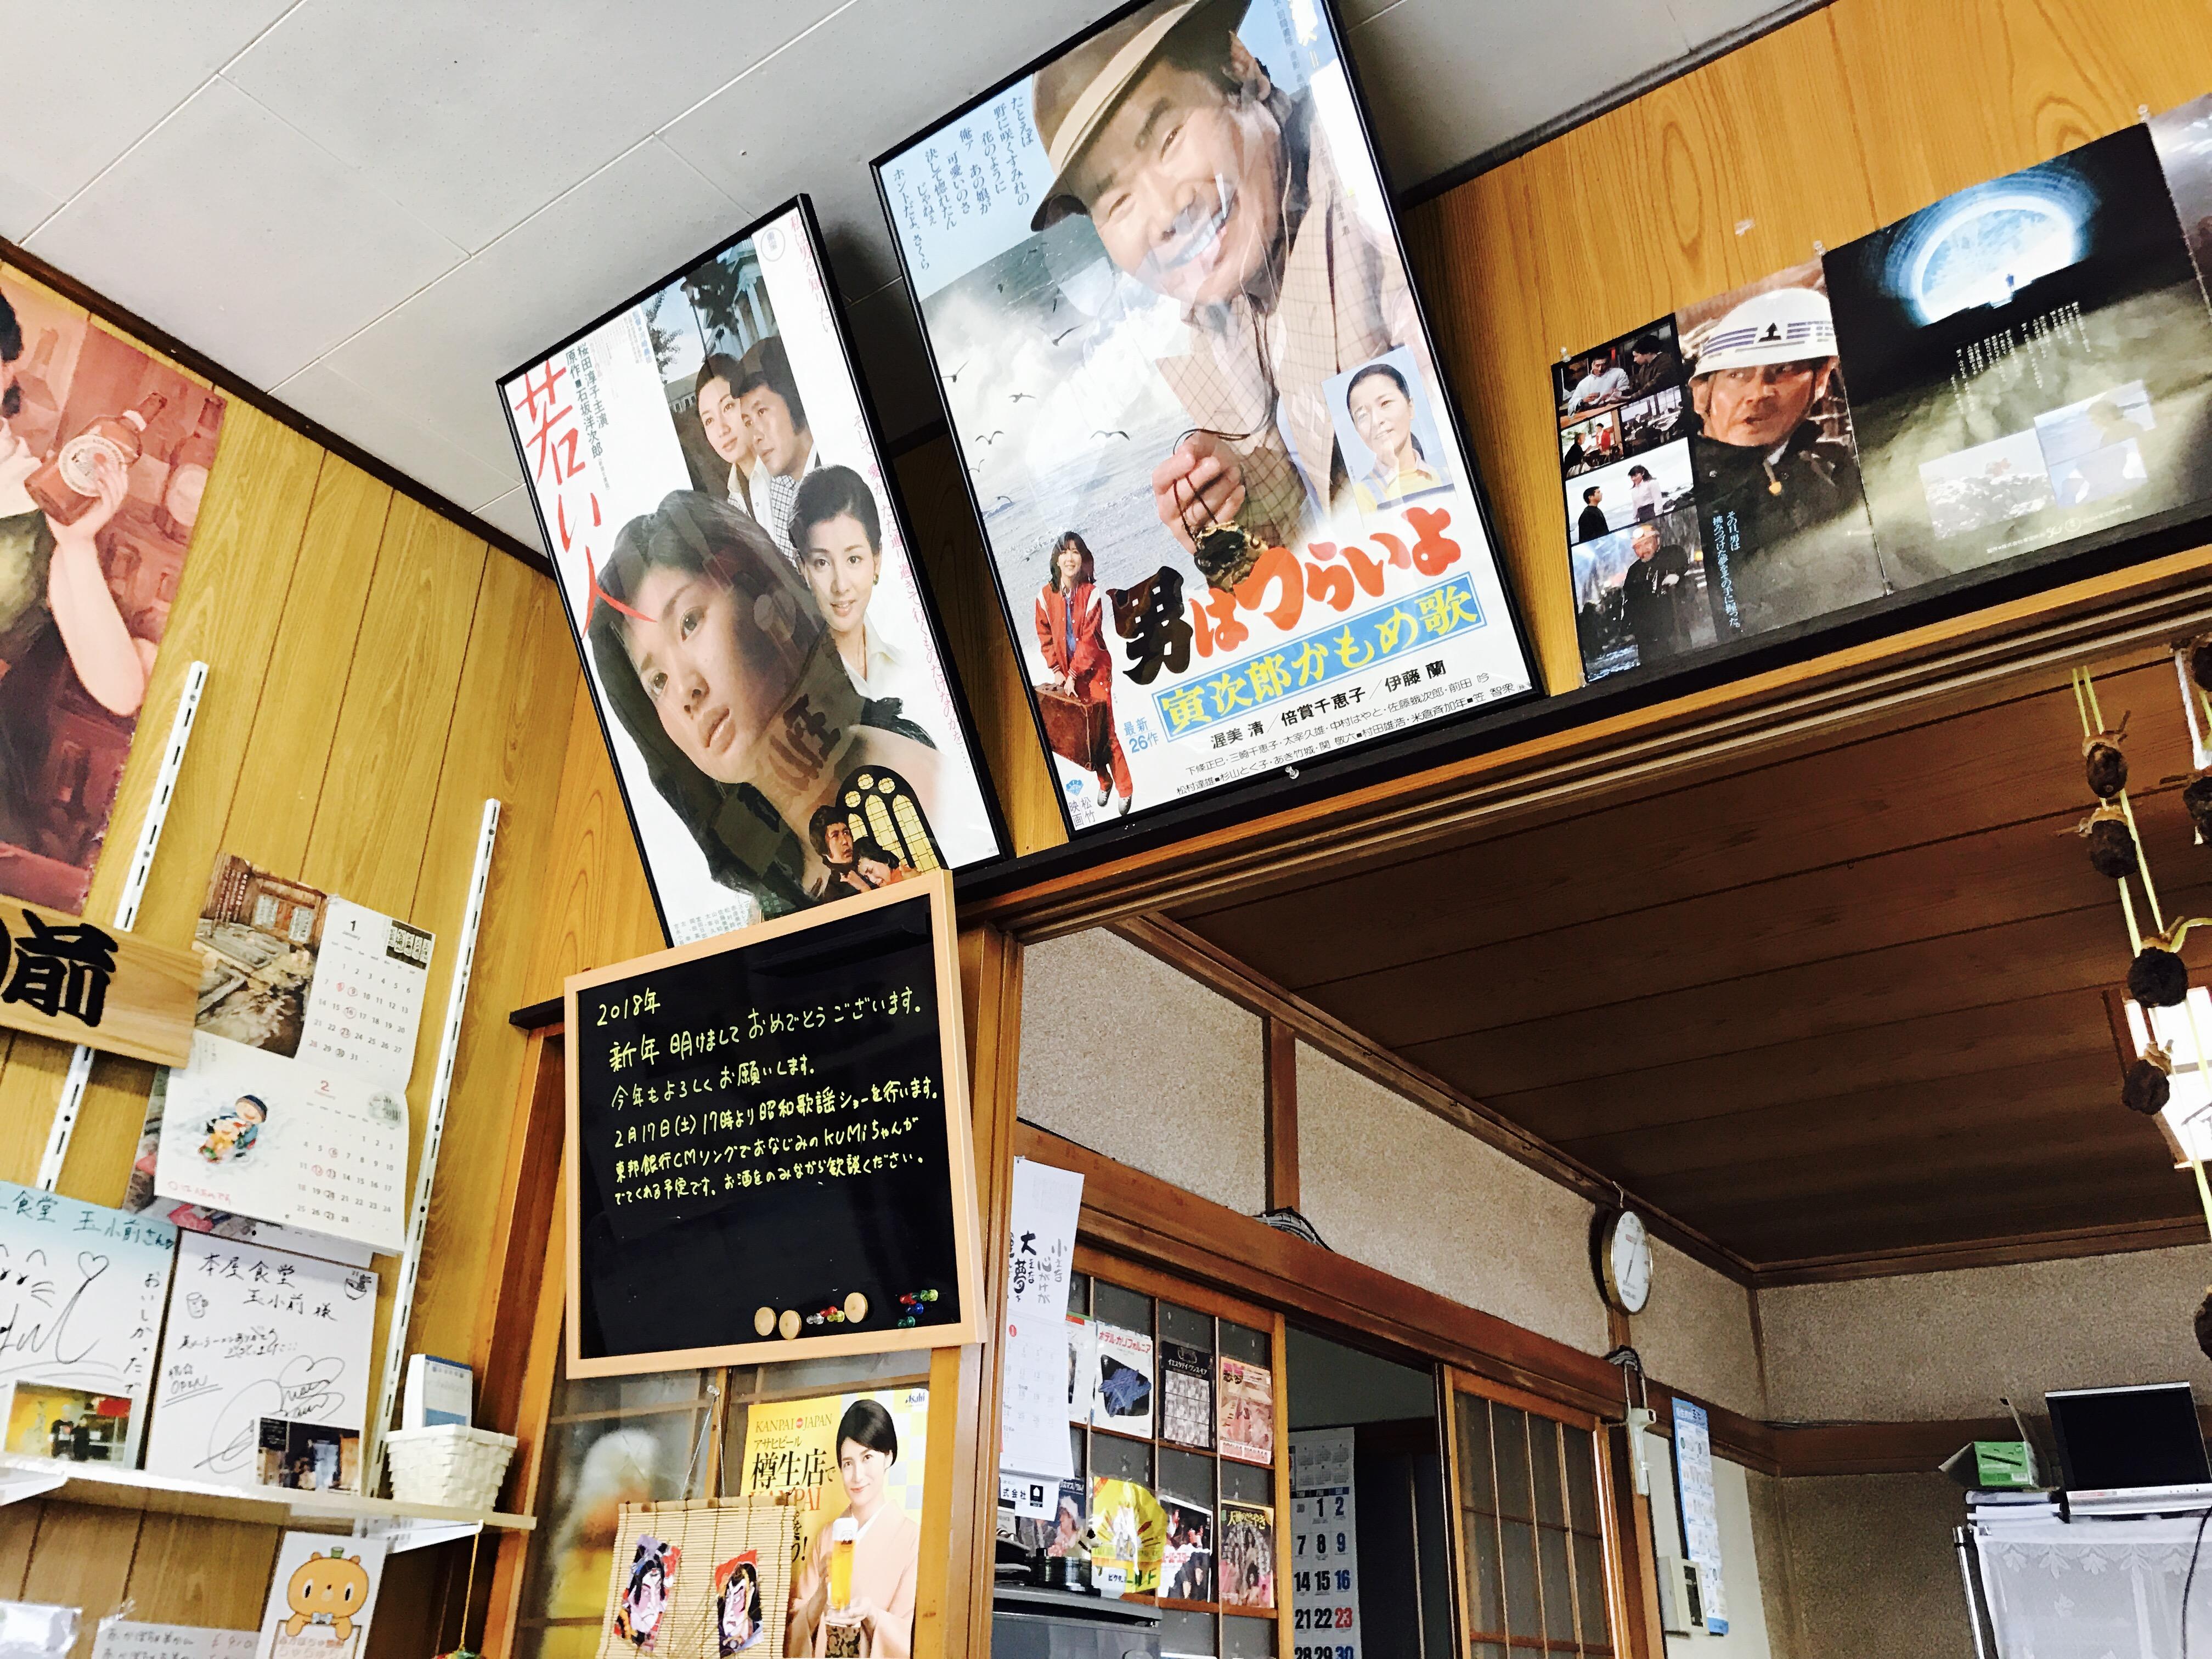 本屋食堂玉小前 阿部書店のポスター